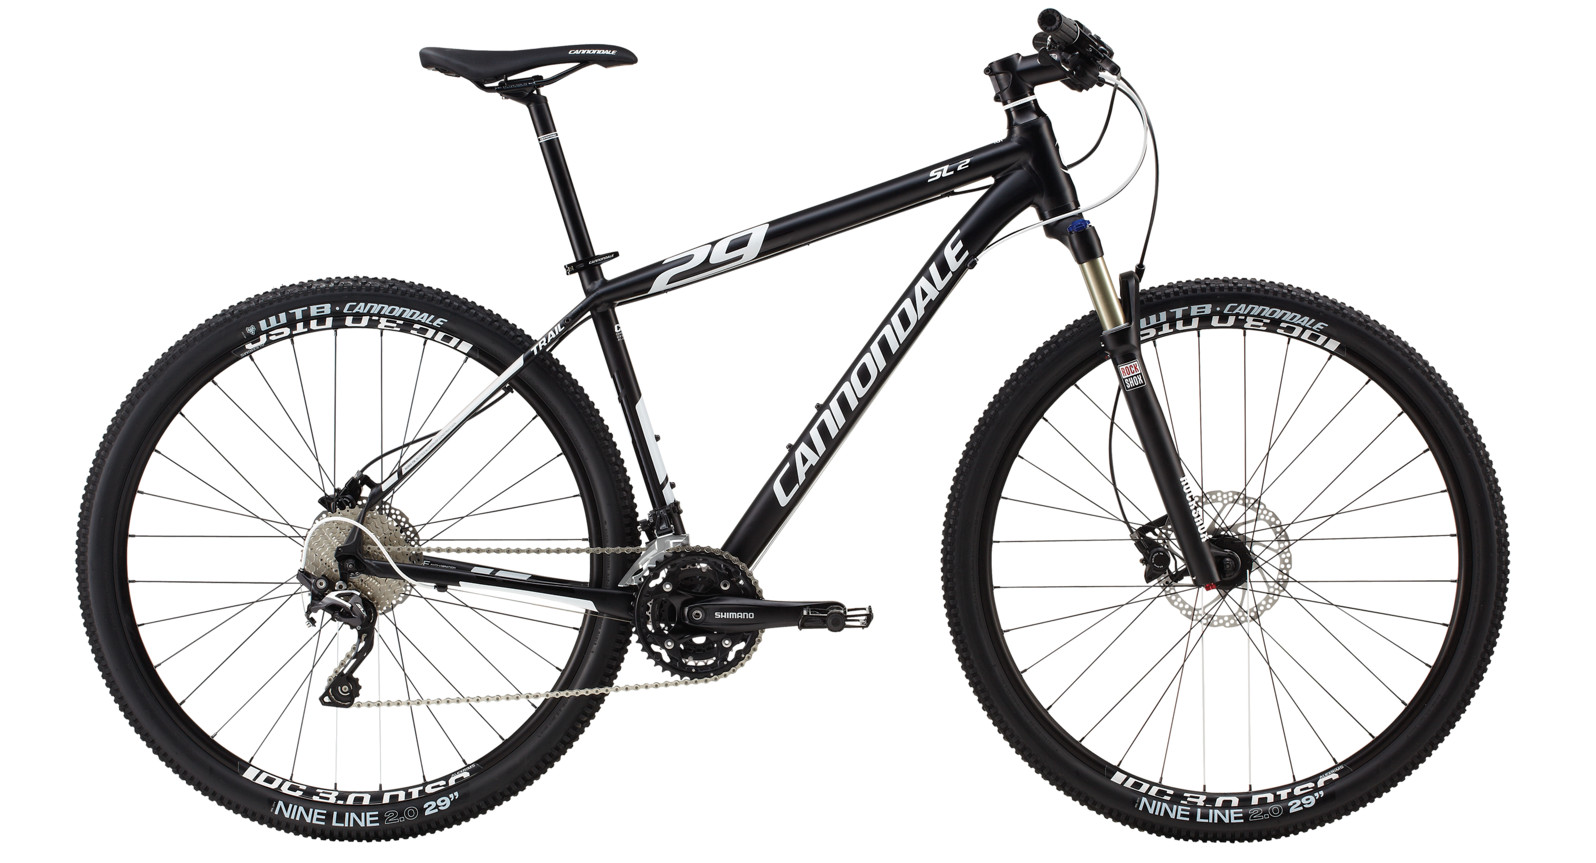 bike - 2014 Cannondale Trail SL 29 2